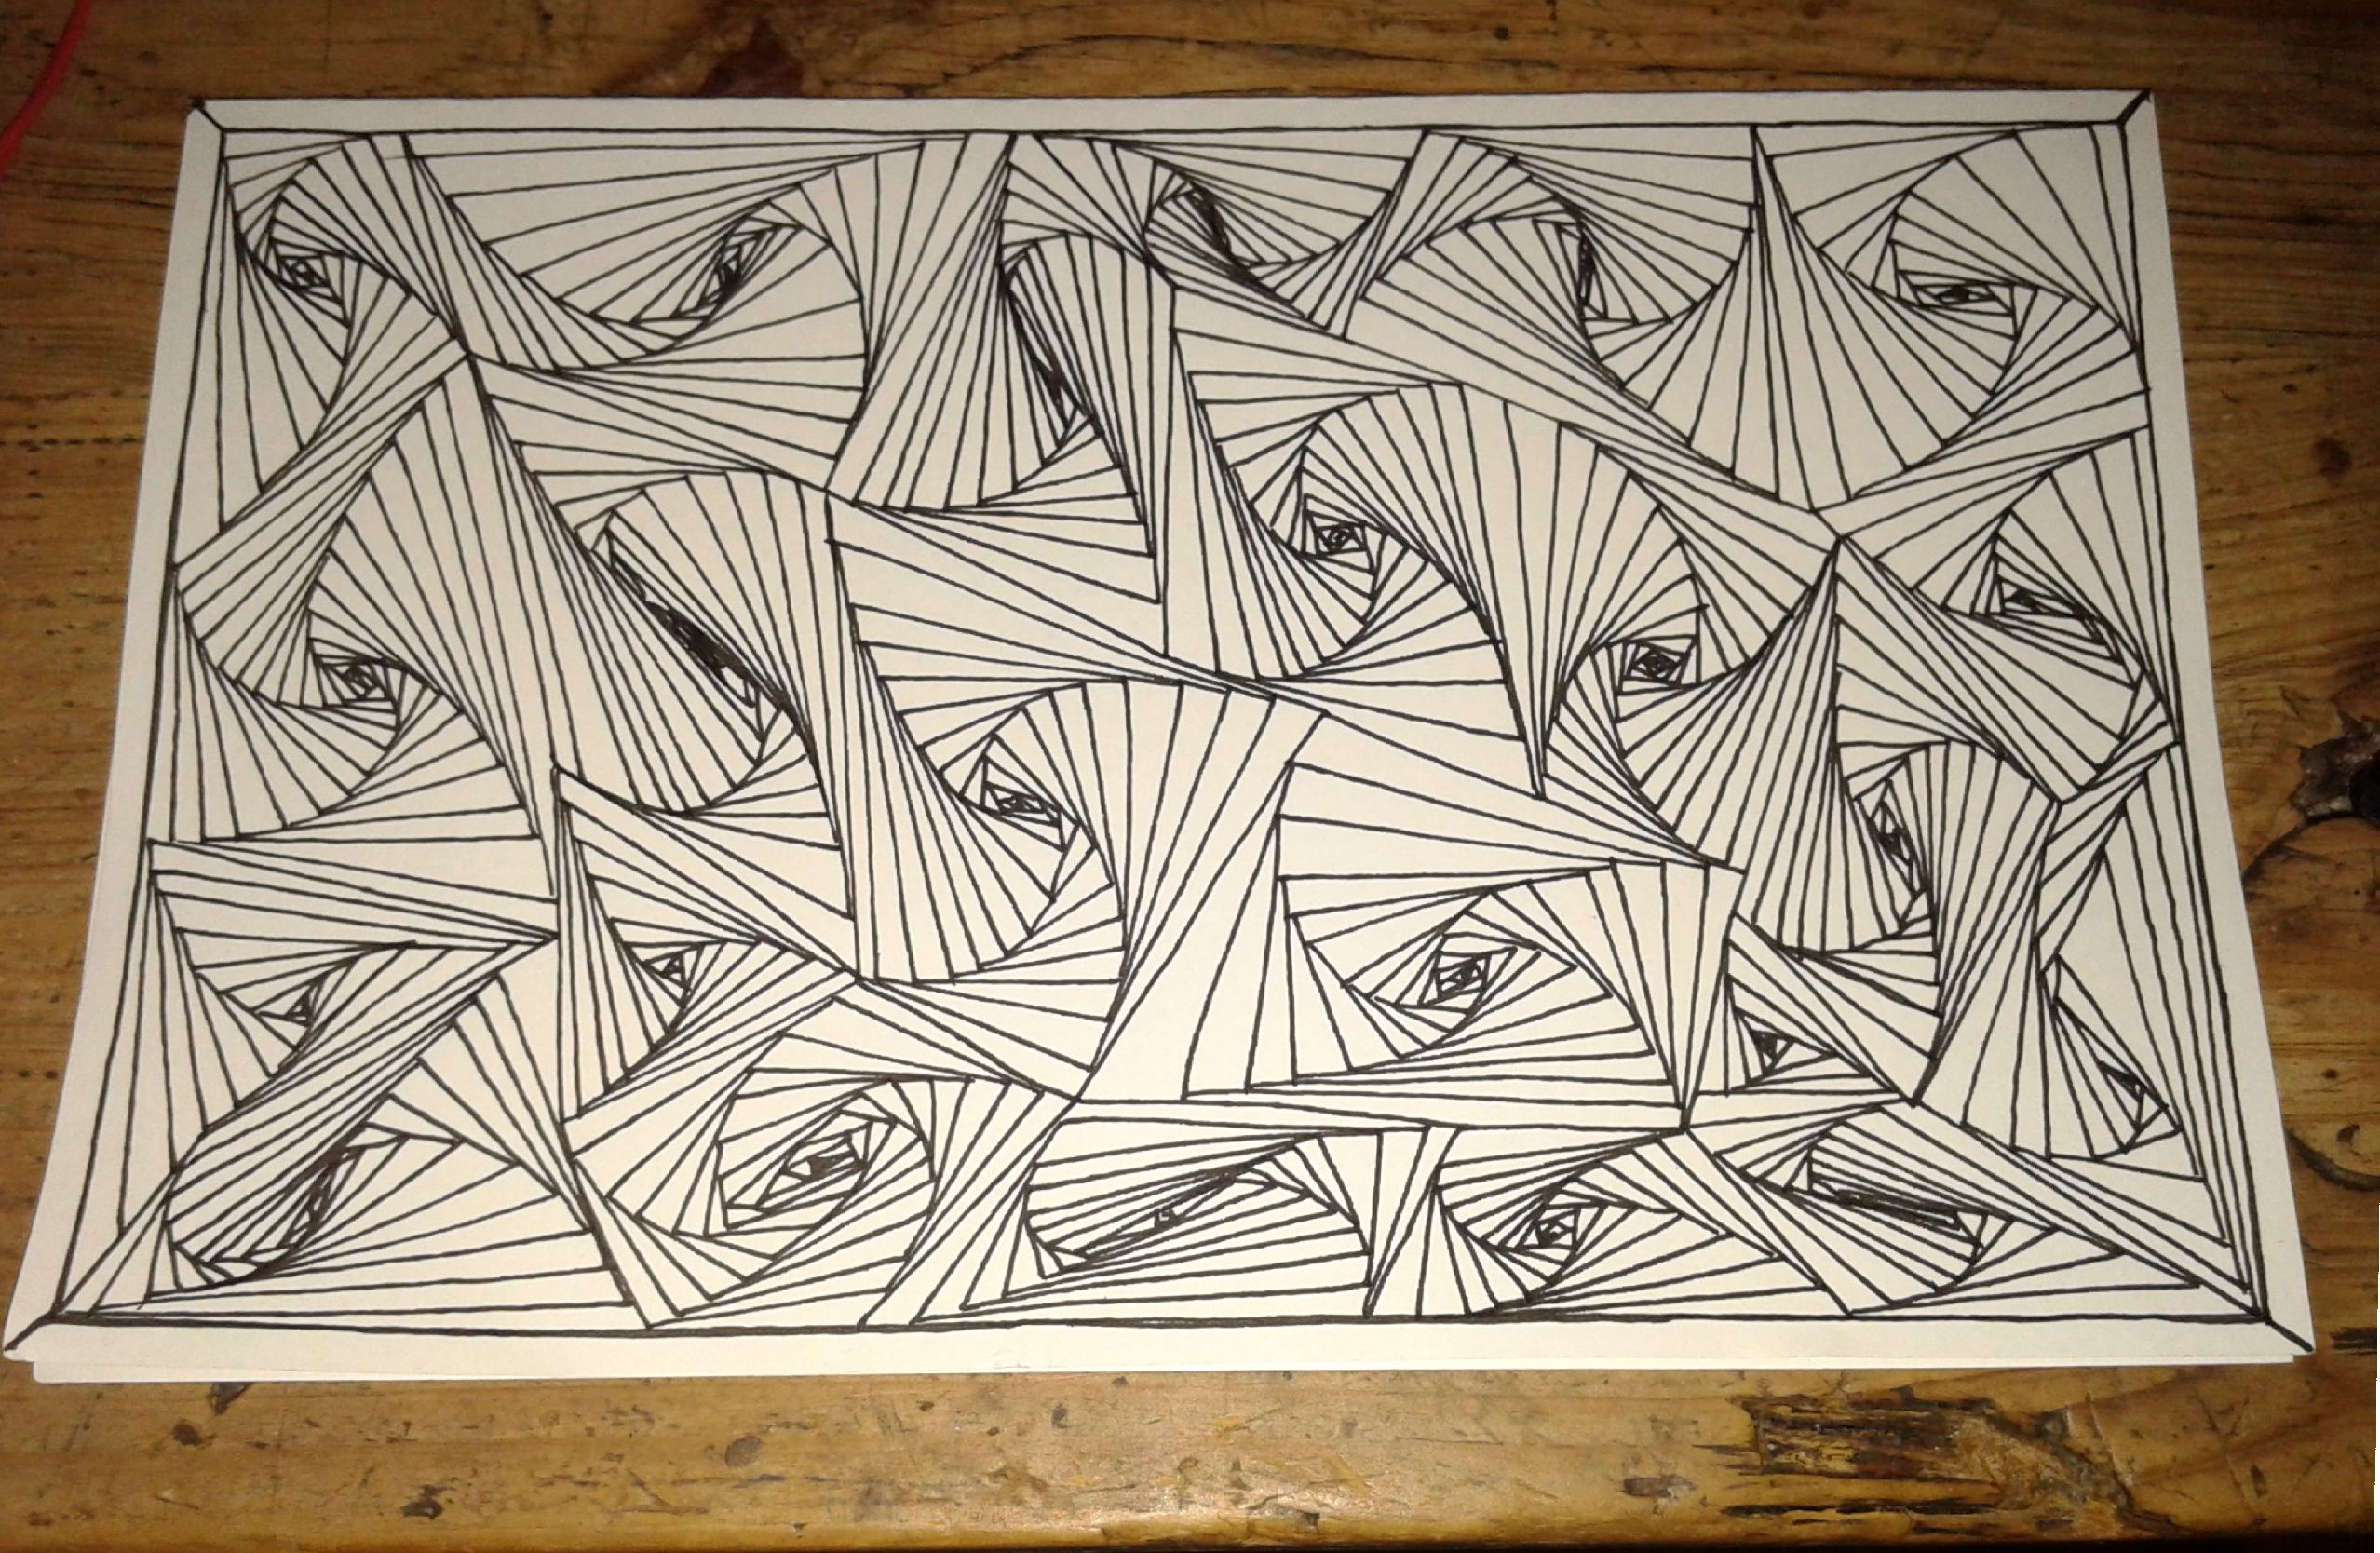 simple easy trippy drawings